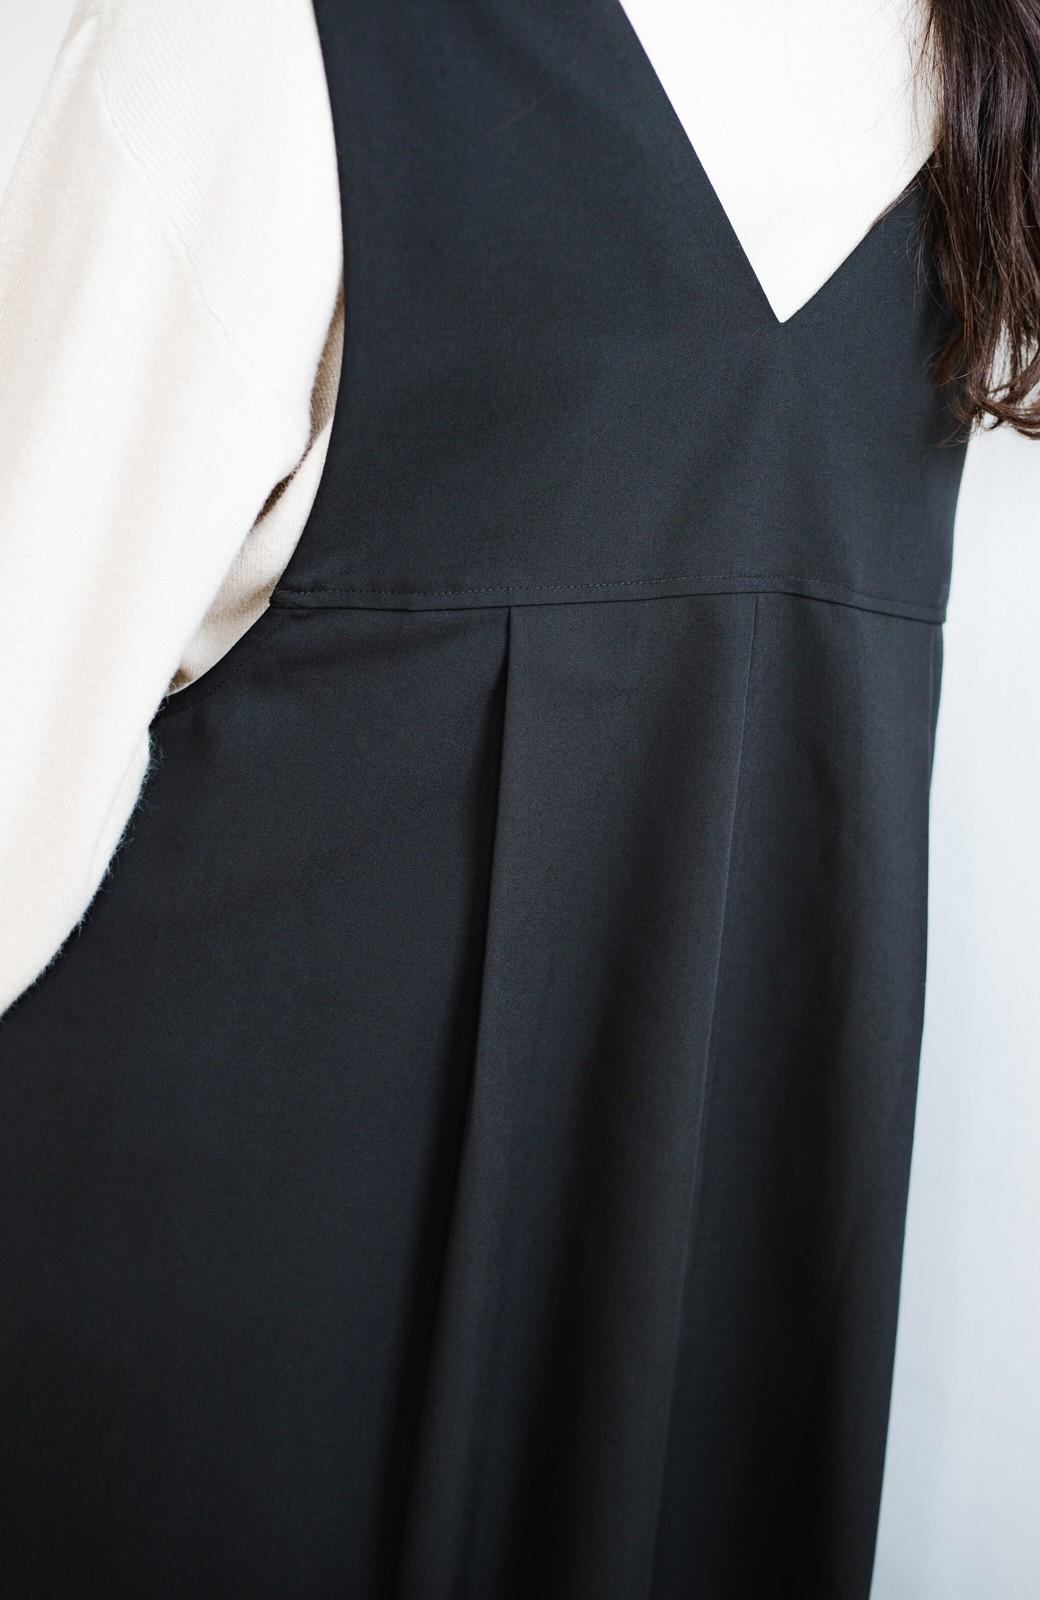 haco! 長め丈登場!Tシャツにもニットにもずーーーっと着られて便利なジャンパースカート <ブラック>の商品写真6